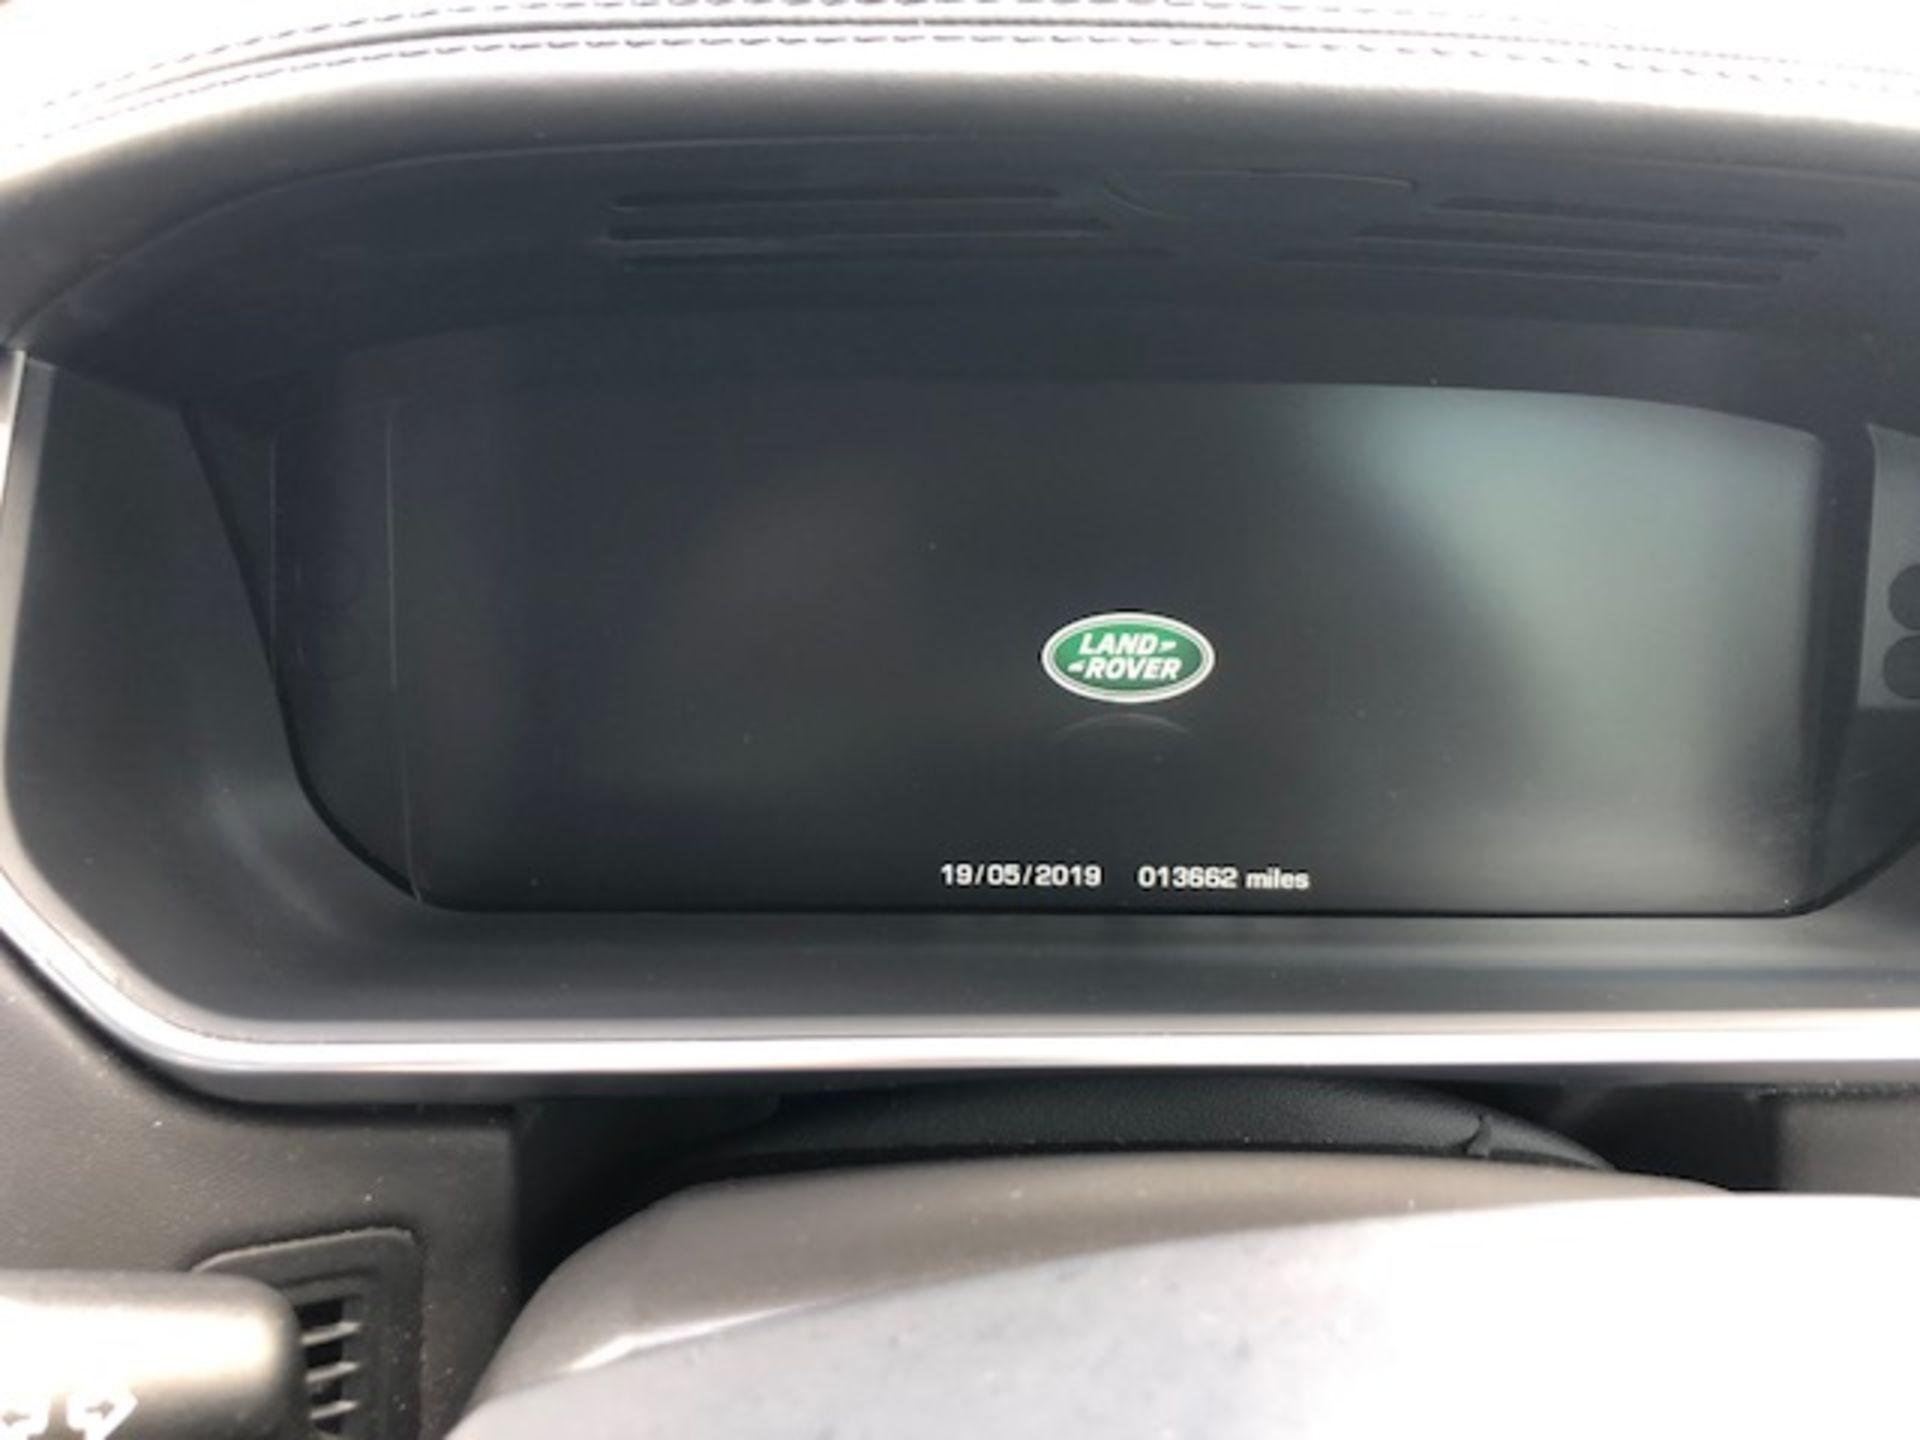 Lot 2 - Range Rover SDV8